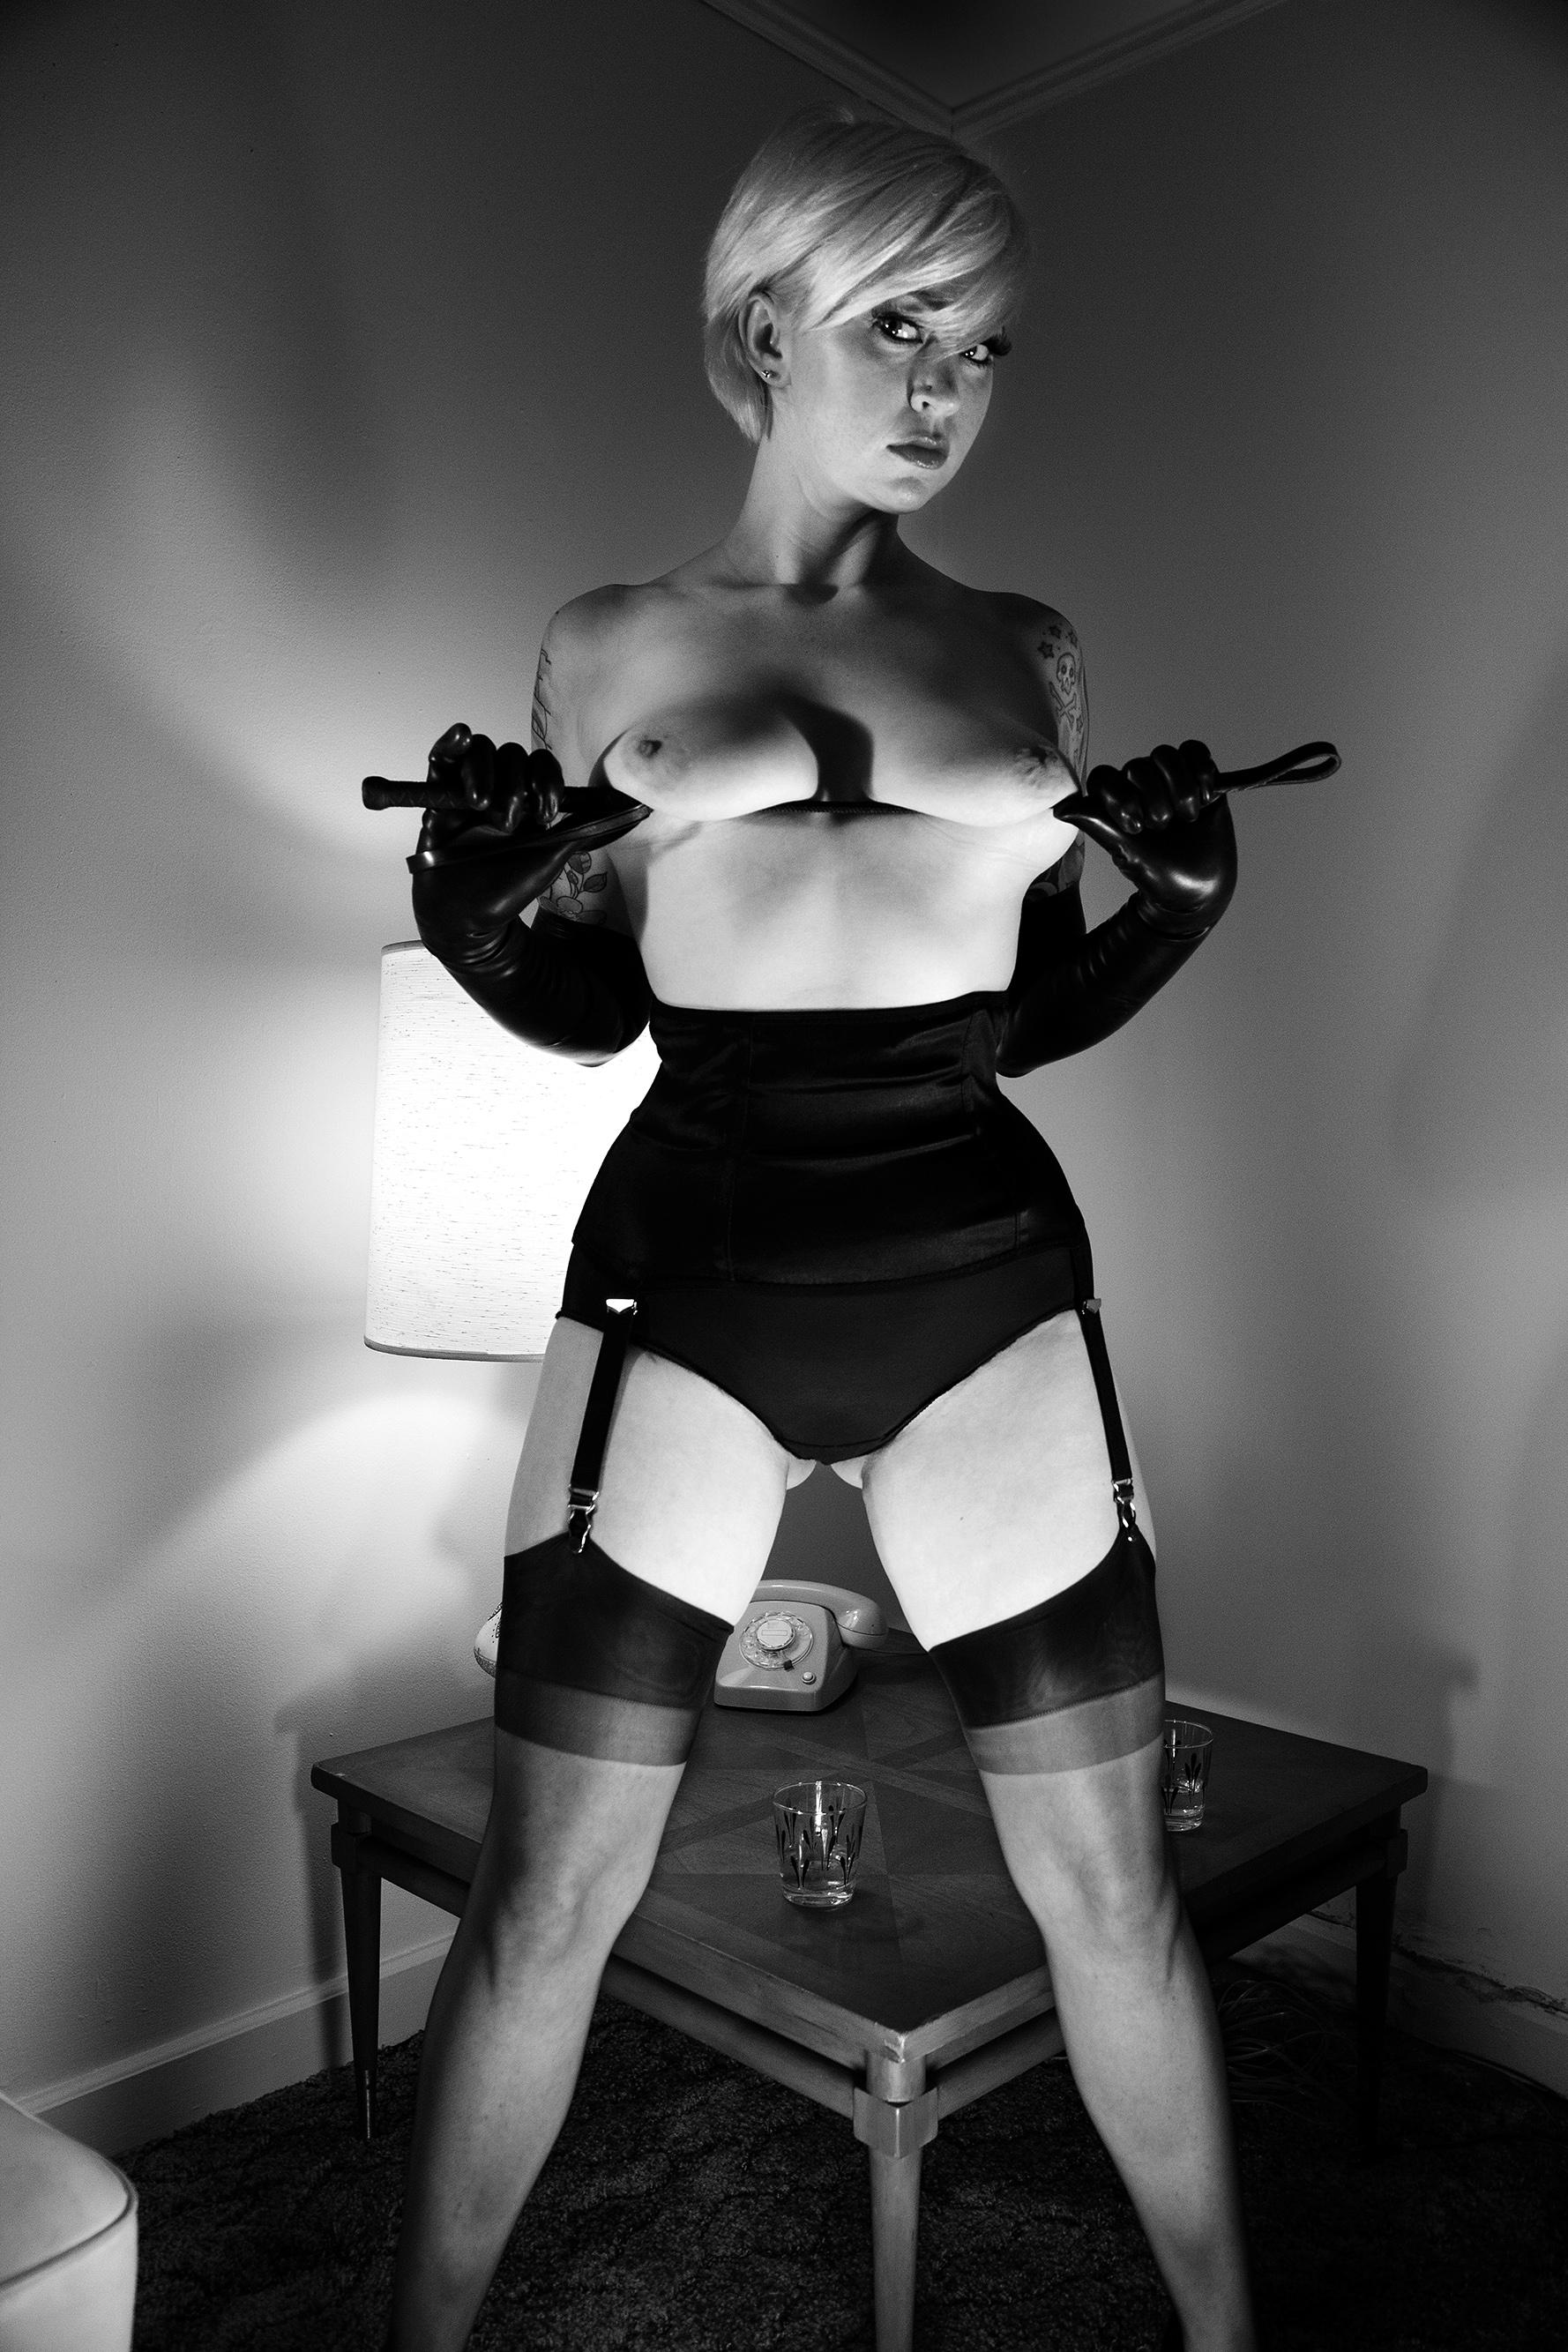 Press_HistoryOfSexualPunishment_4.jpg